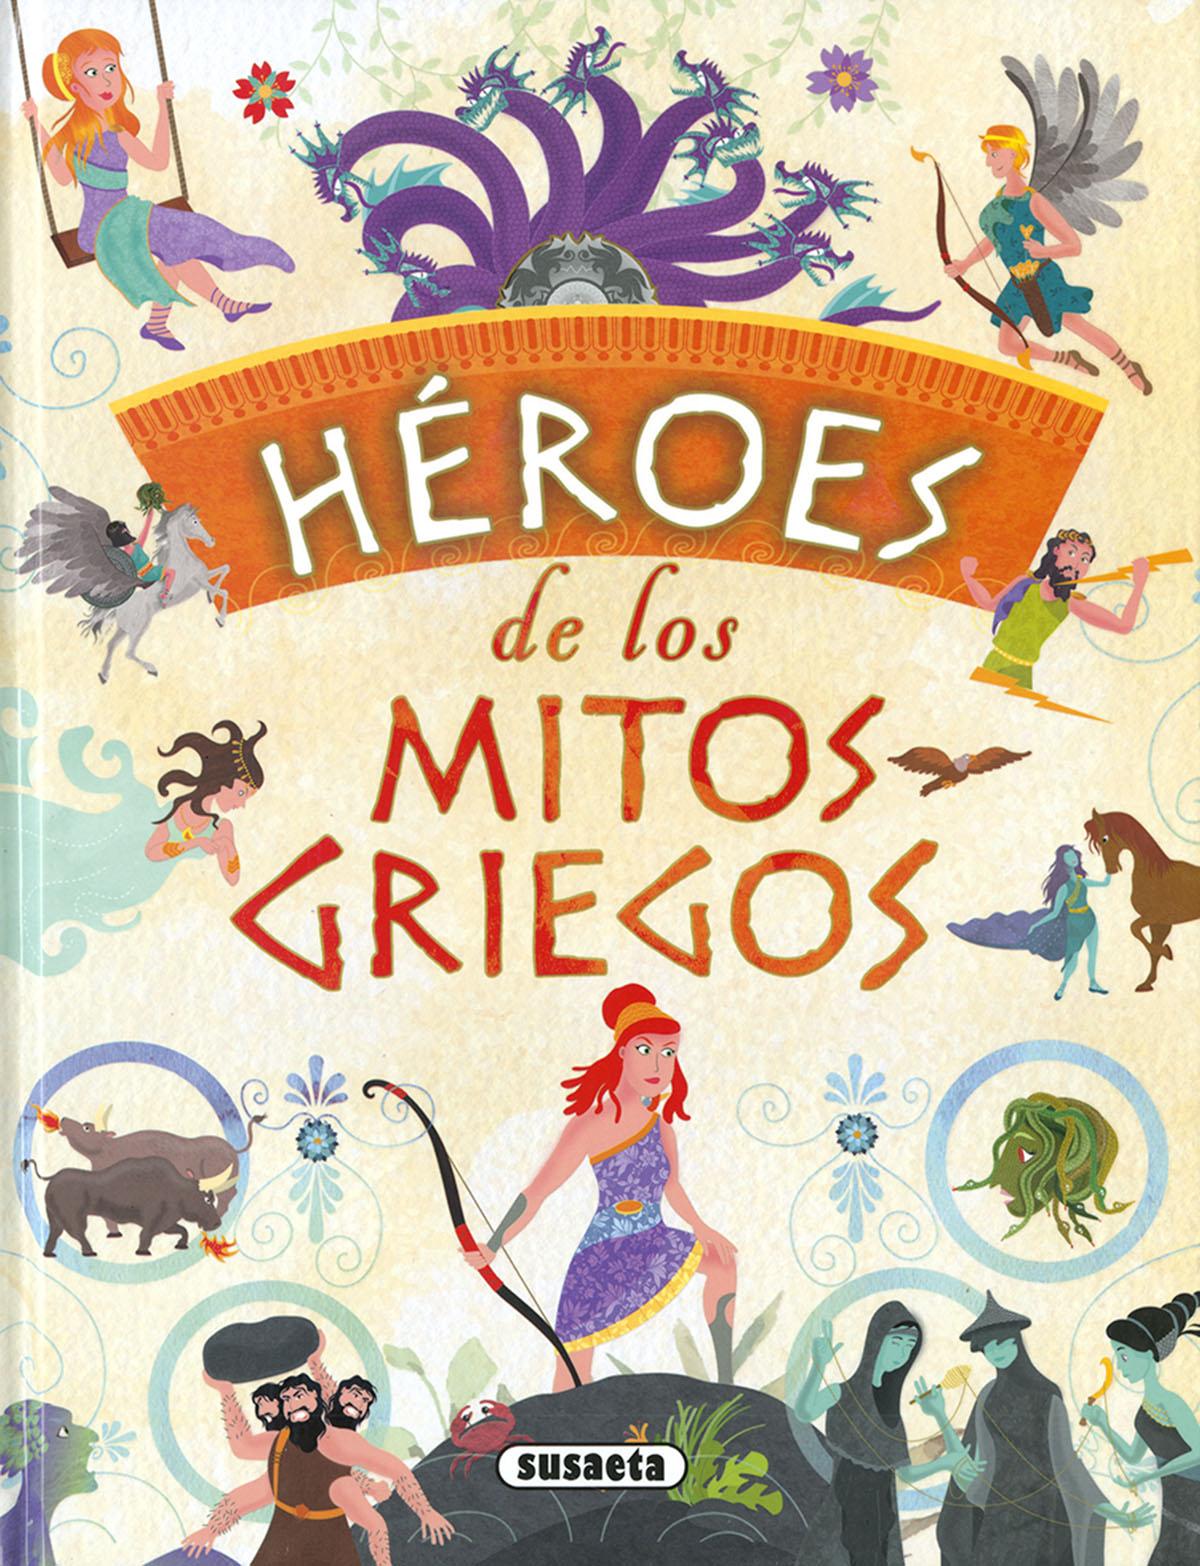 Héroes de los mitos griegos